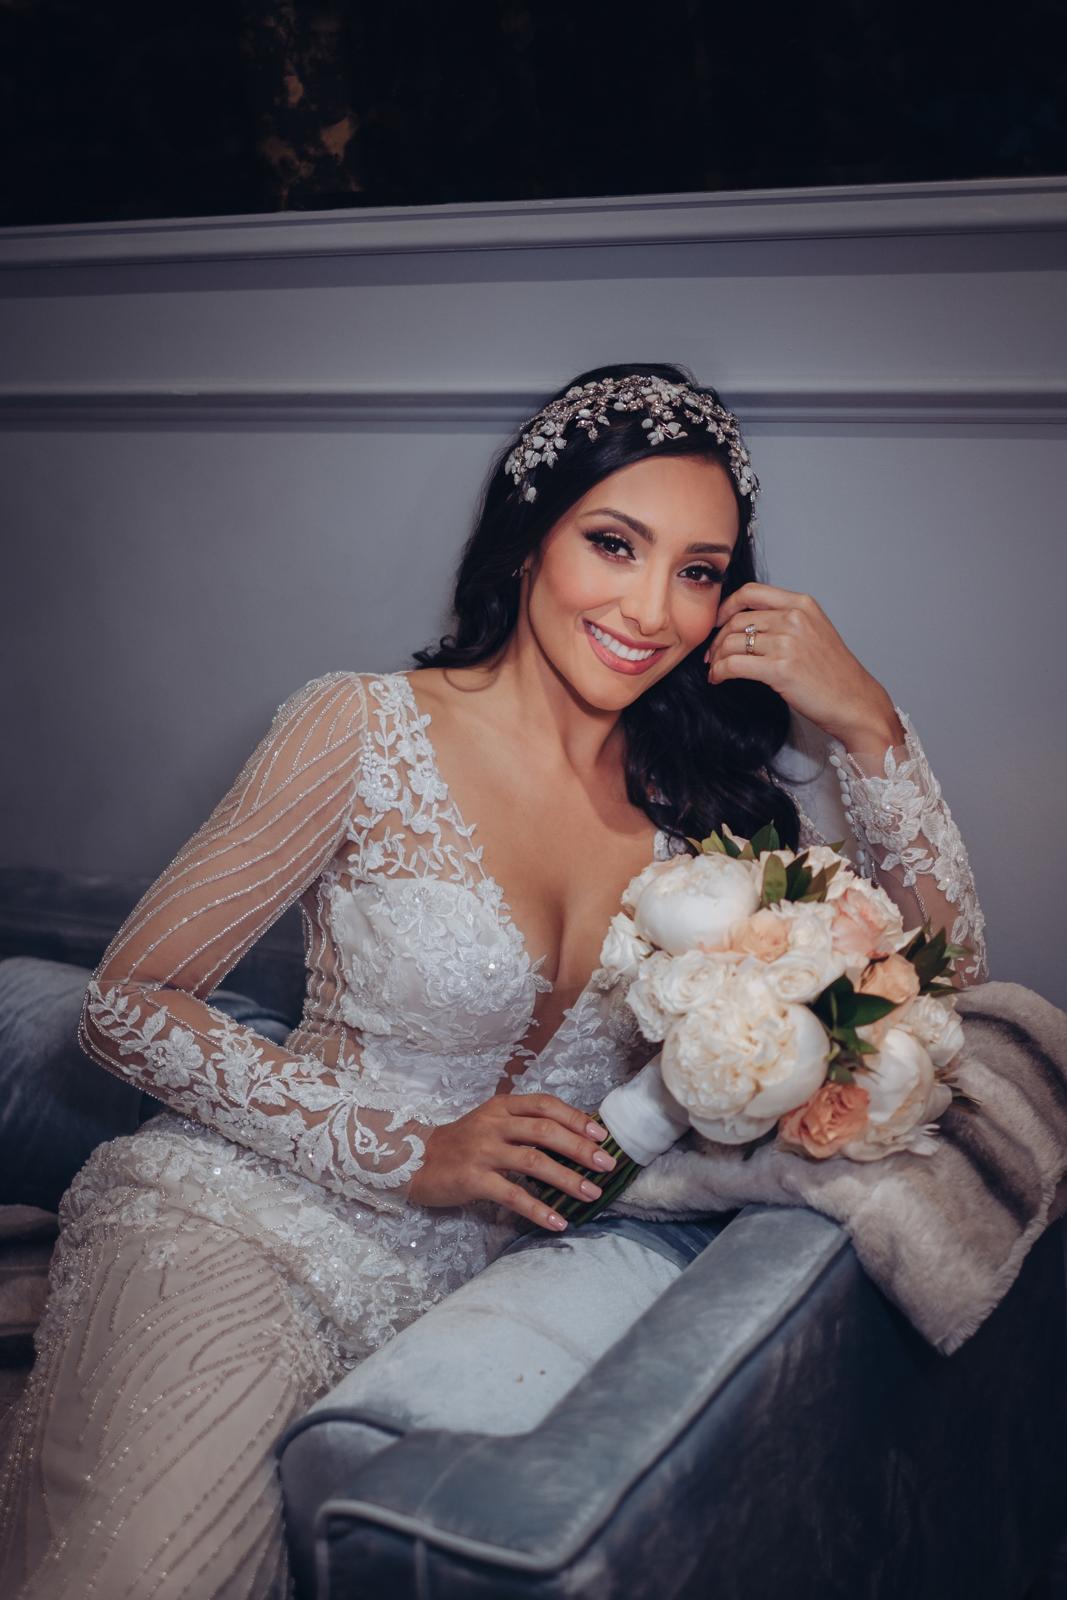 El arreglo de la novia fue realizado por Josy Andrades.(Foto: Emilio Leon Photography)